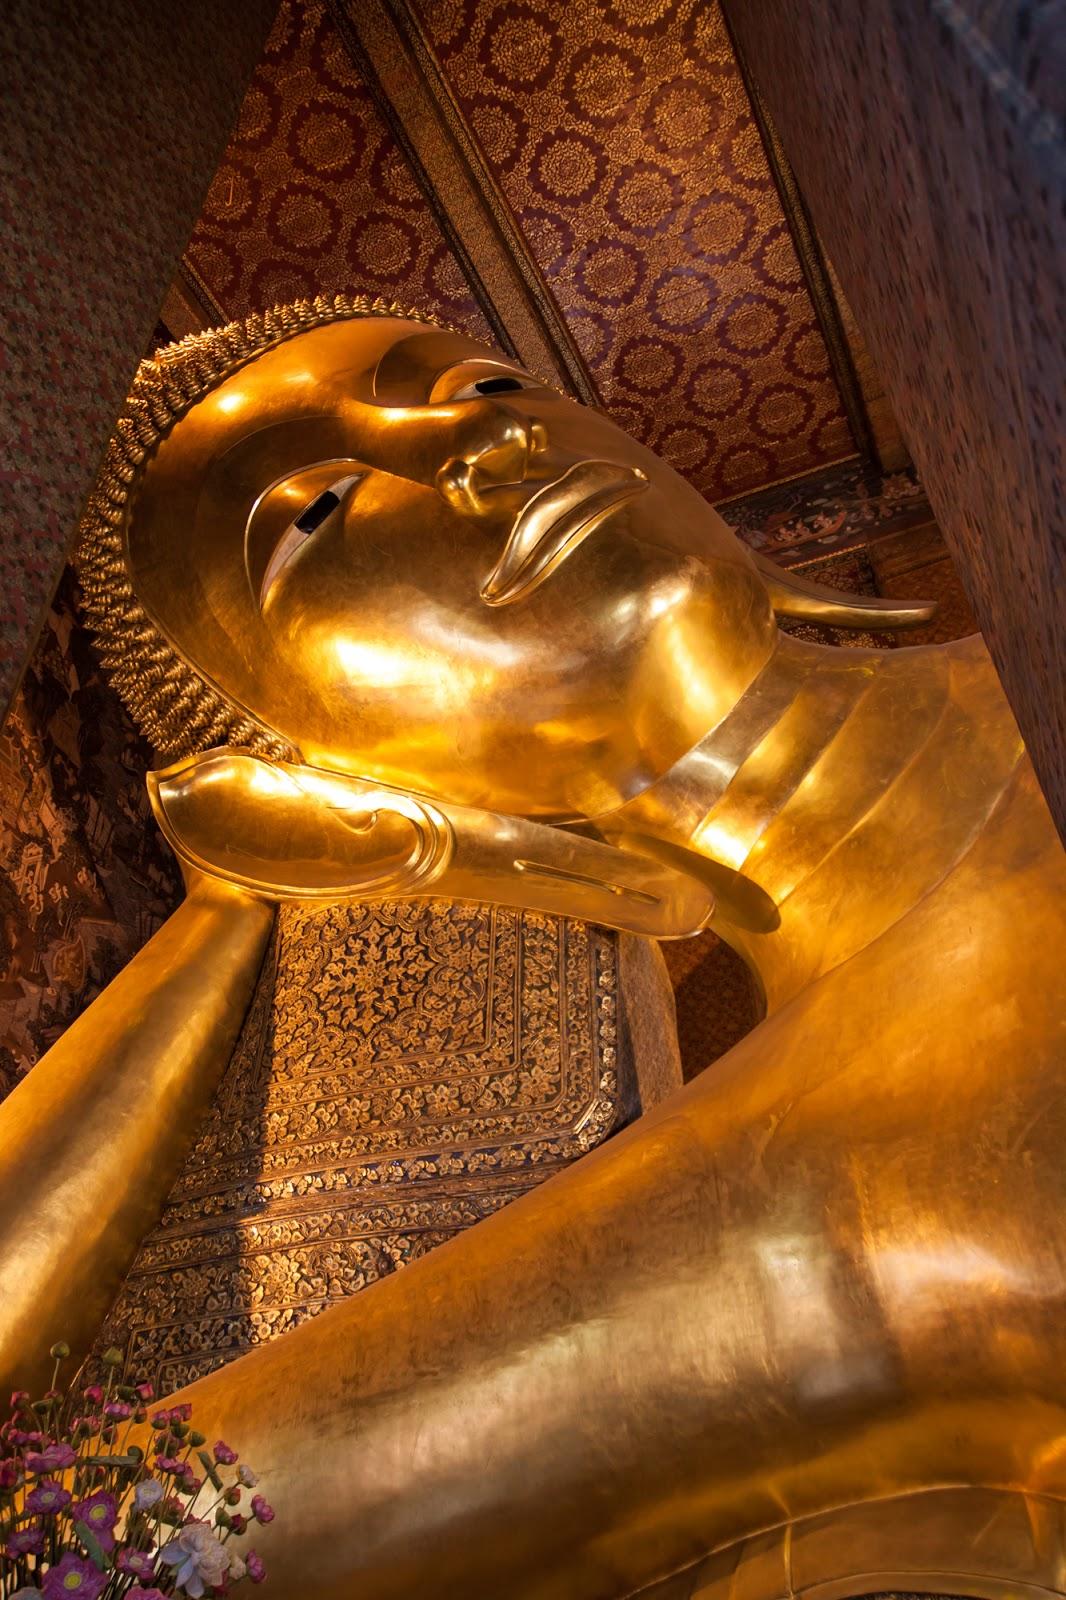 Reclining Buddha @ Wat Pho วัดโพธิ์